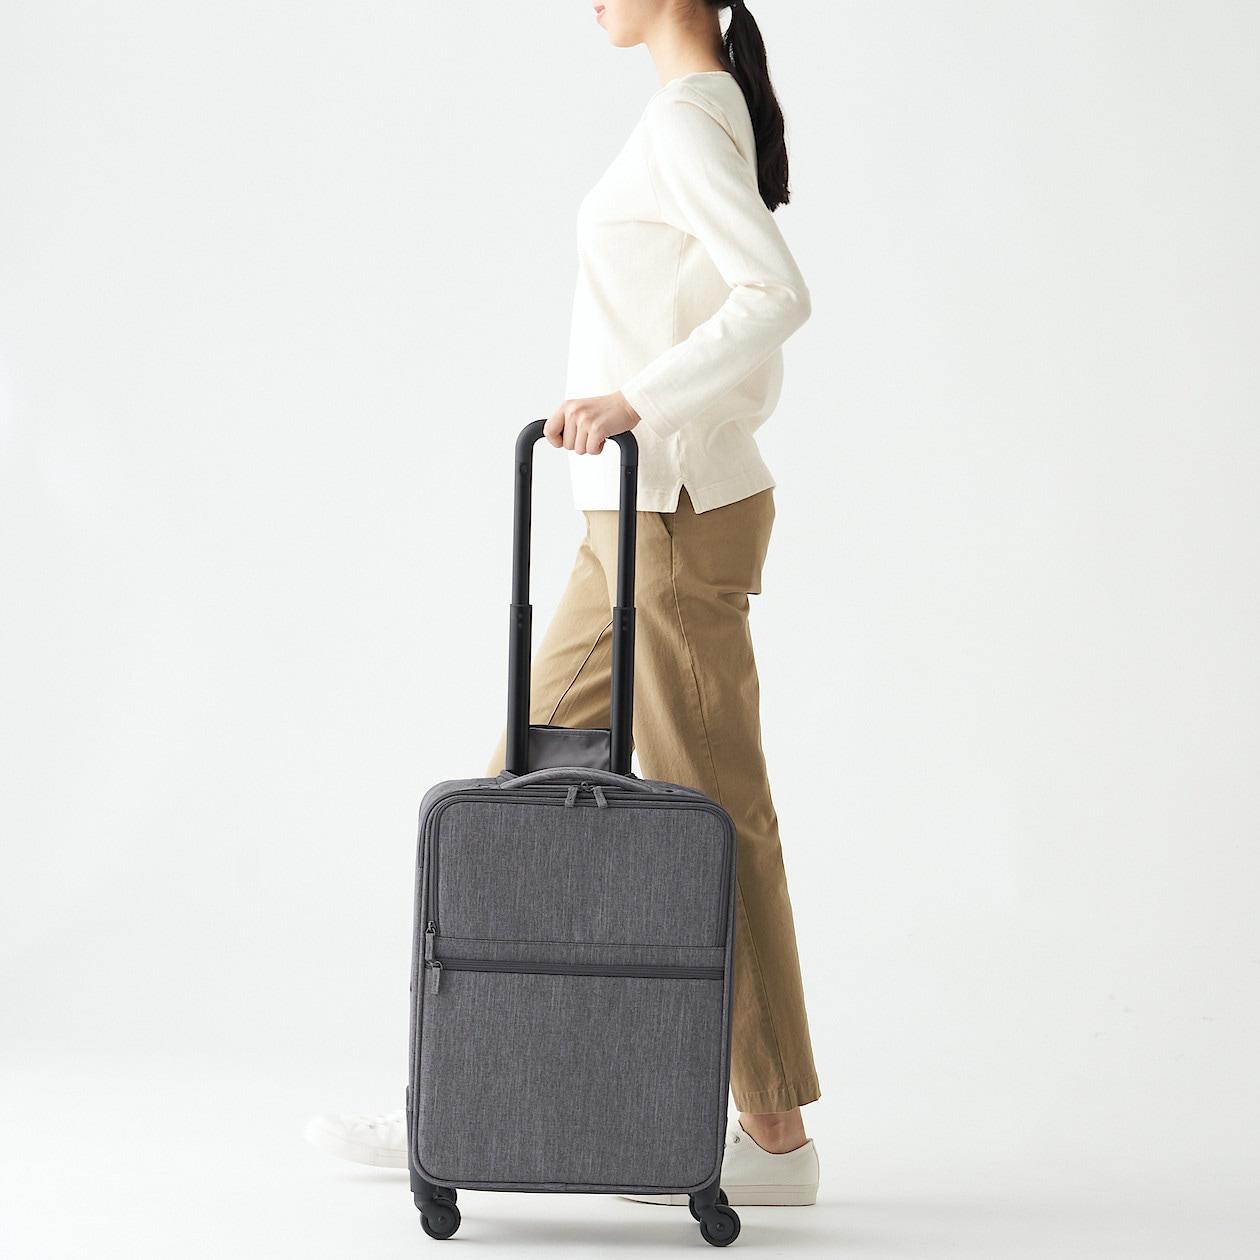 無印良品の旅行で活躍しまくるトラベルグッズ29選!便利な商品をご紹介!